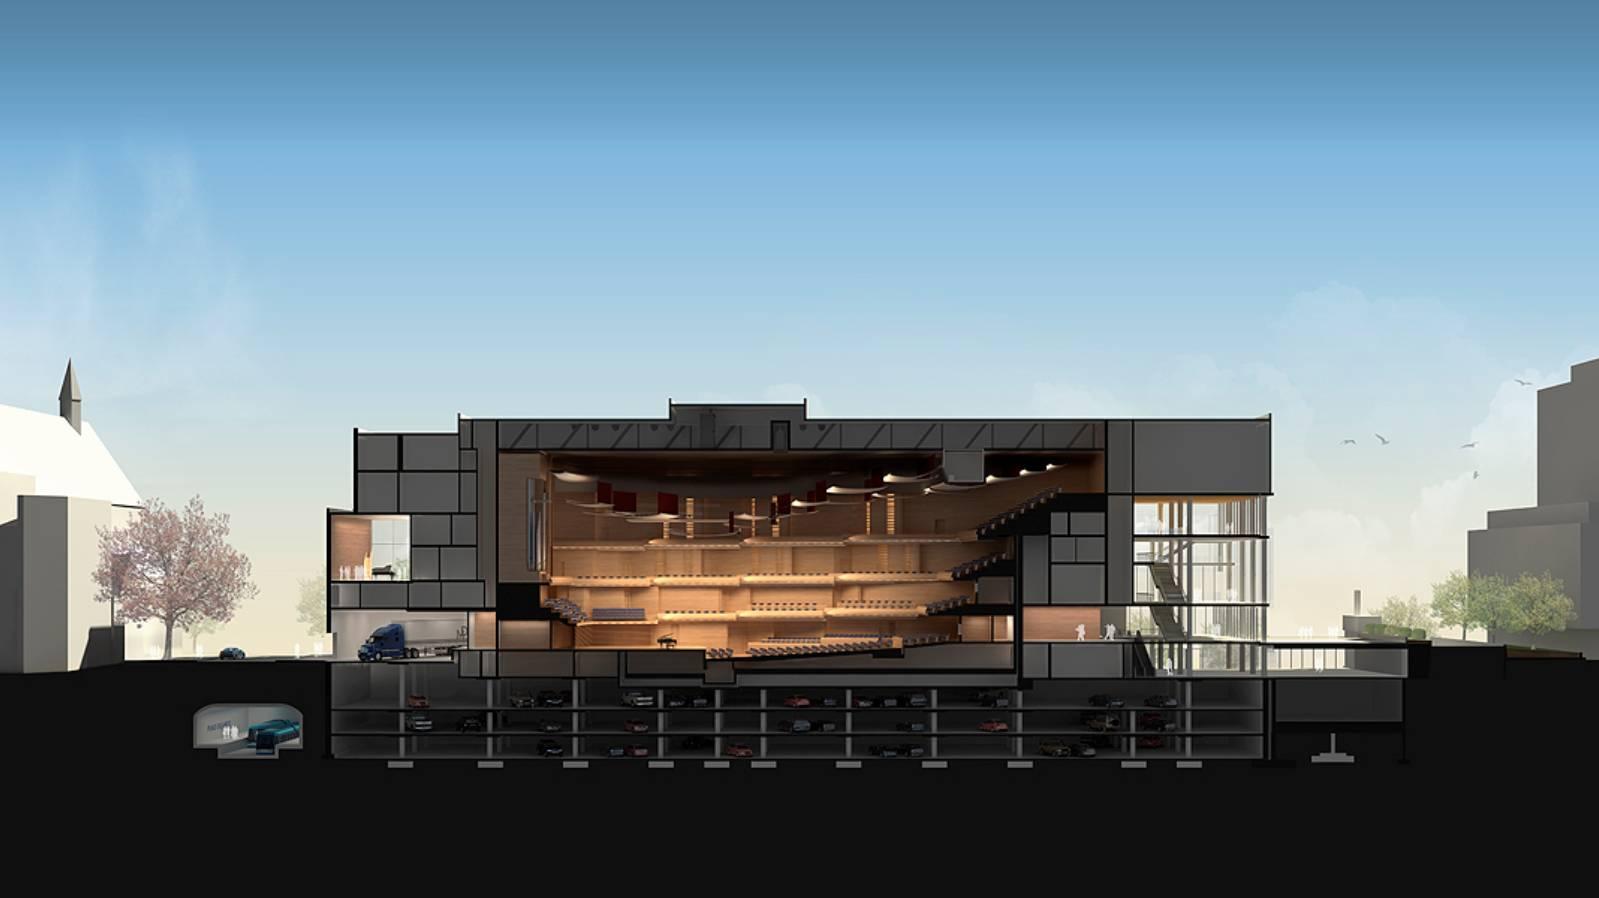 Maison symphonique de montr al by diamond schmitt architects - Maison south perth matthews mcdonald architects ...